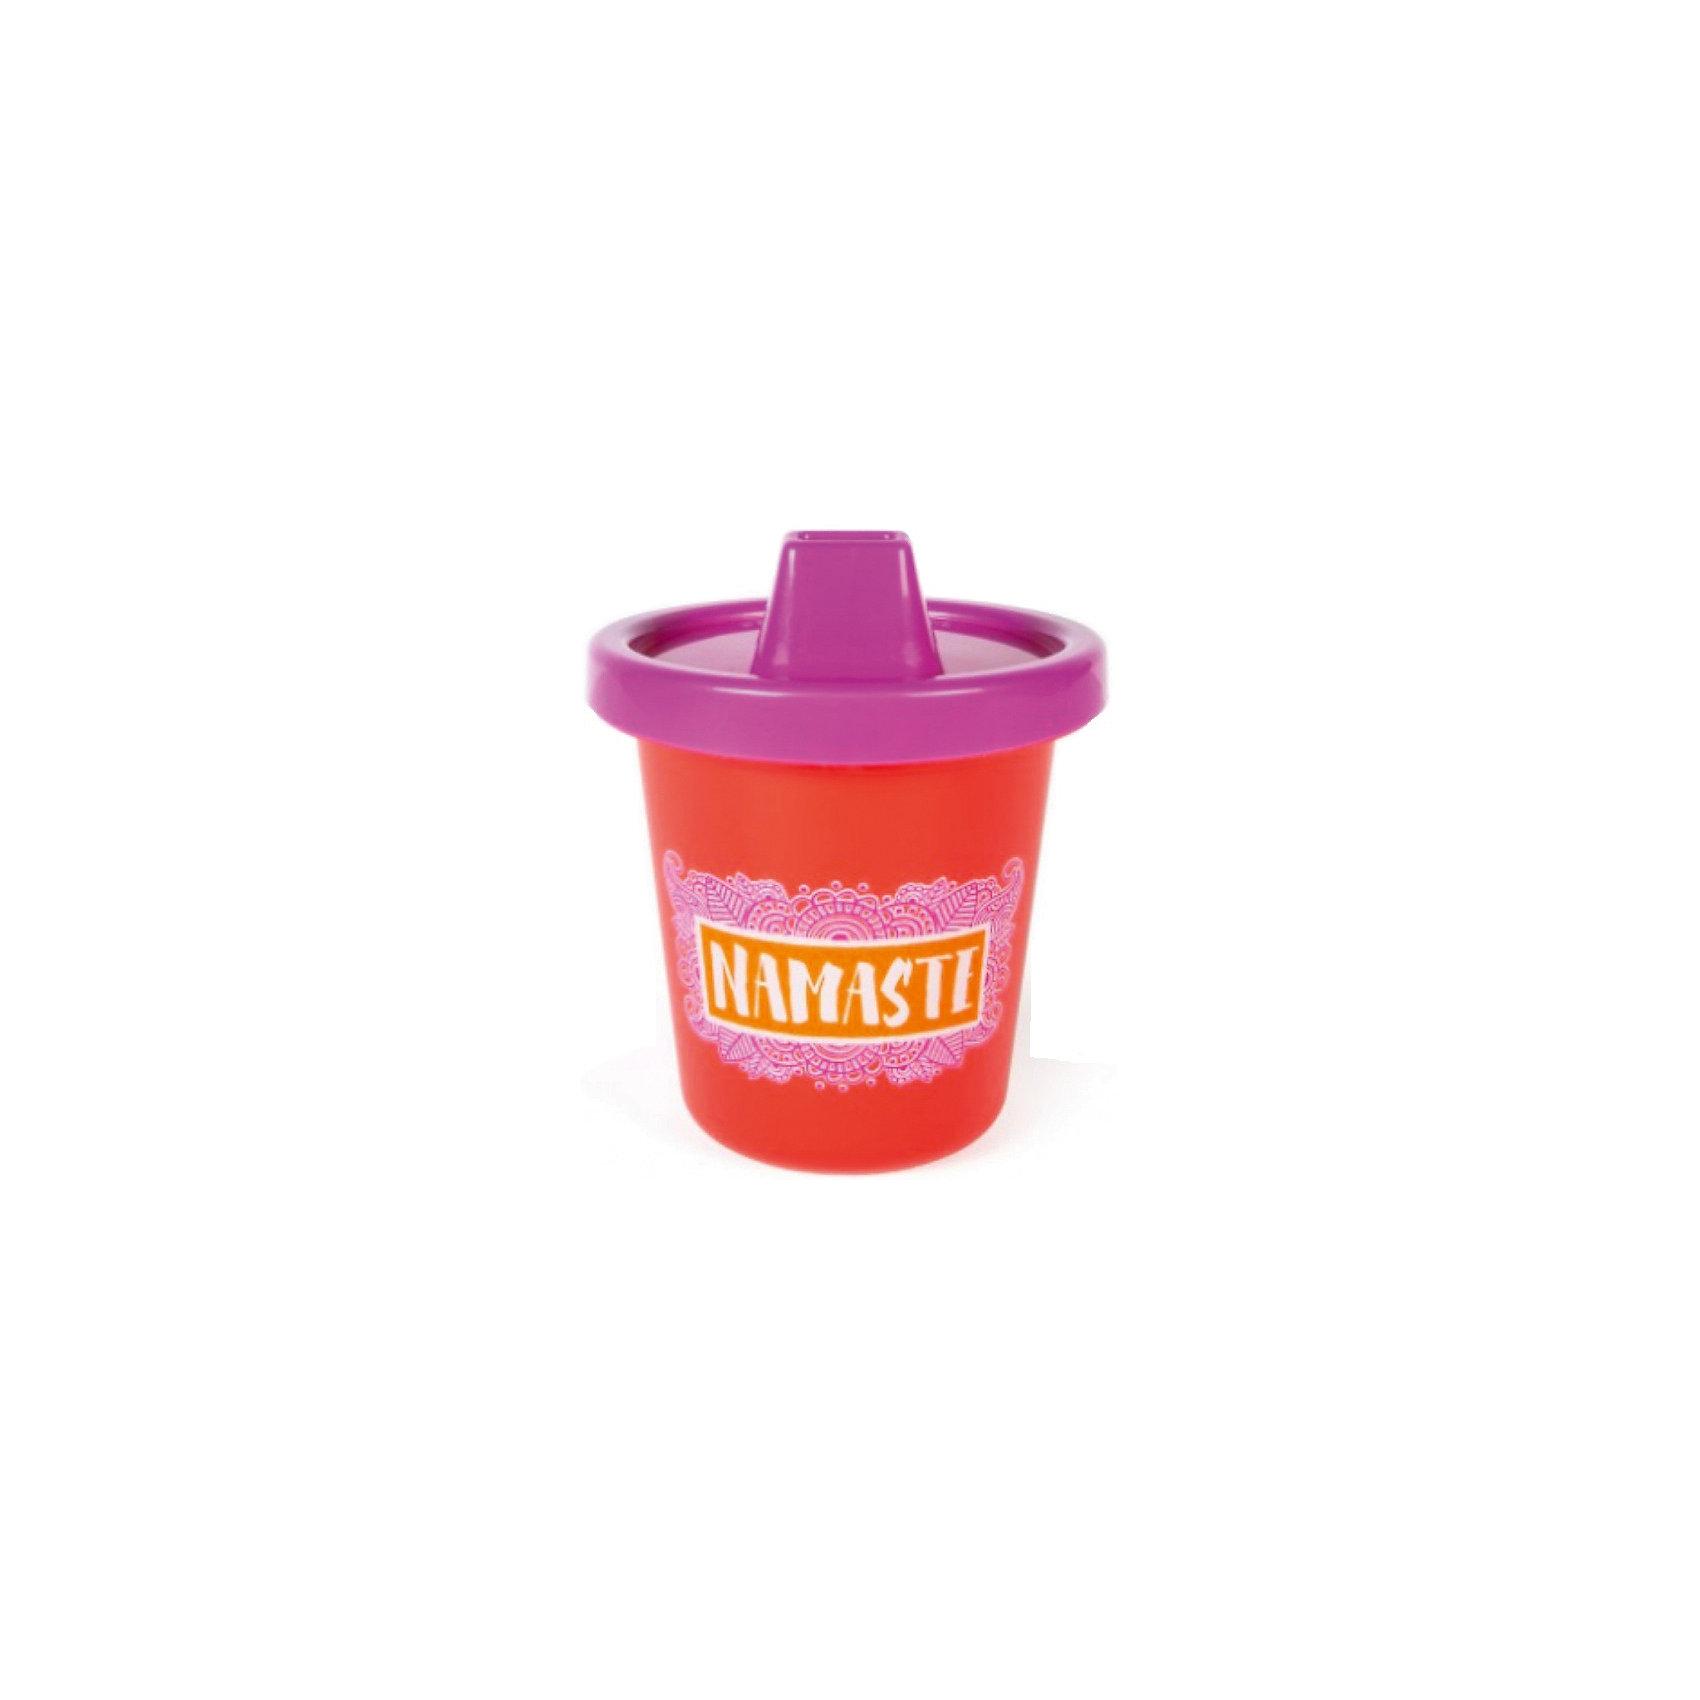 Поильник Namaste Sippy Cup, GamagoПоильники<br>Поильник Namaste Sippy Cup, Gamago.<br><br>Характеристики:<br>• изготовлен из прочного качественного пластика<br>• не содержит бисфенол-А<br>• крышка-непроливайка<br>• подходит для посудомоечной машины<br>• удобен для детских рук<br>• легко мыть<br>• оригинальный дизайн<br>• материал: пластик<br>• объем: 225 мл<br>• размер: 10х10х12 см<br>• цвет: розовый<br><br>Поильник Namaste Sippy Cup, Gamago изготовлен из экологически чистых материалов, безопасных для ребенка. Крышка-непроливайка обеспечит крохе сухость во время использования. Необычный дизайн поильника создан специально для любителей необычных вещей. Прекрасный выбор для стильных детей!<br><br>Поильник Namaste Sippy Cup, Gamago вы можете купить в нашем интернет-магазине.<br><br>Ширина мм: 80<br>Глубина мм: 800<br>Высота мм: 135<br>Вес г: 36<br>Возраст от месяцев: 6<br>Возраст до месяцев: 36<br>Пол: Унисекс<br>Возраст: Детский<br>SKU: 5068745